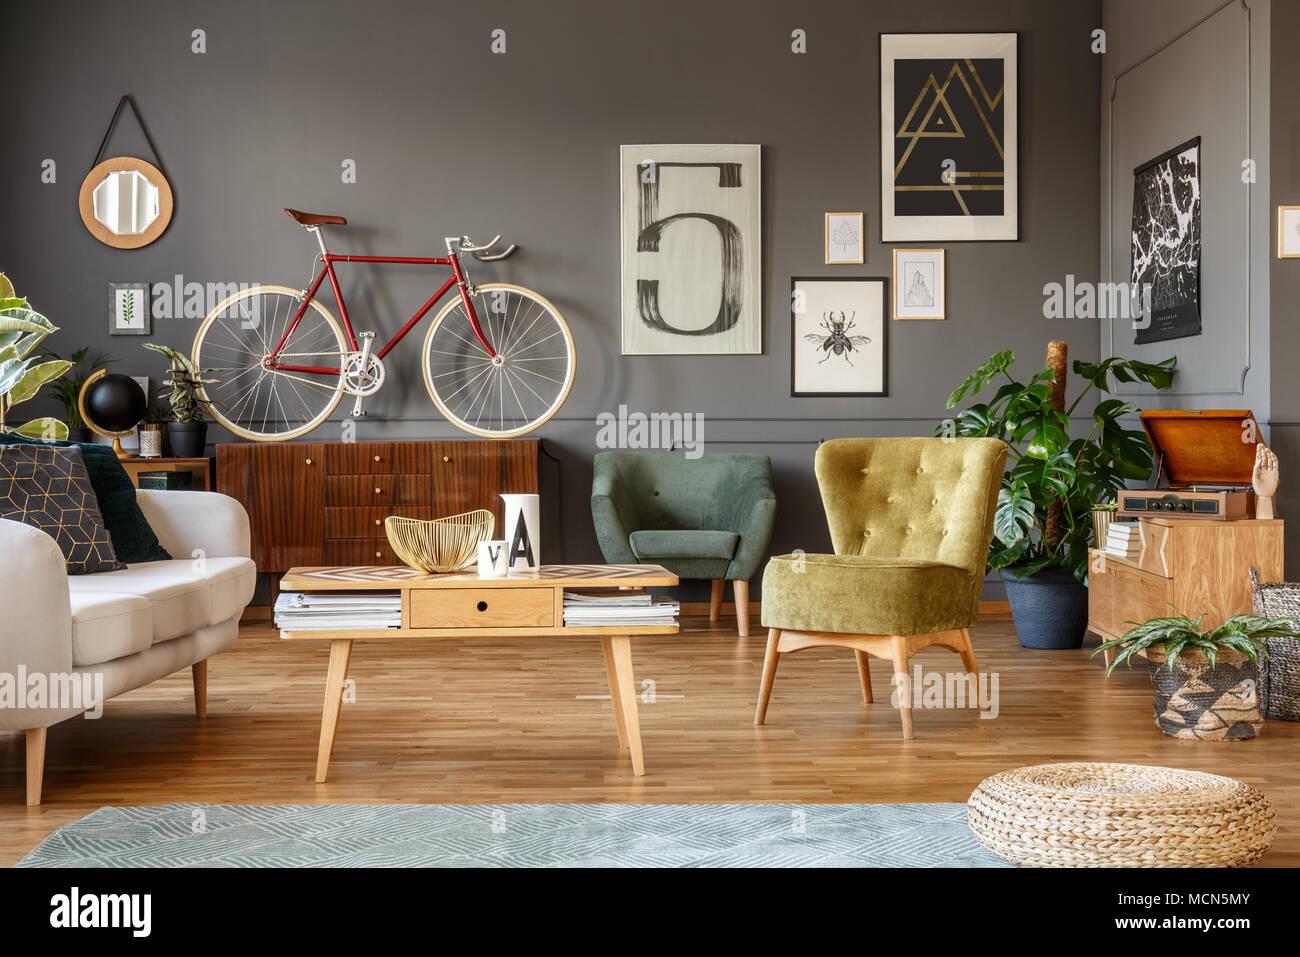 Attraktiv Kunst Sammlung Auf Eine Graue Wand, Holz  Couchtisch, Sessel Und Rote Rad  In Einem Unordentlichen Wohnzimmer Innenraum